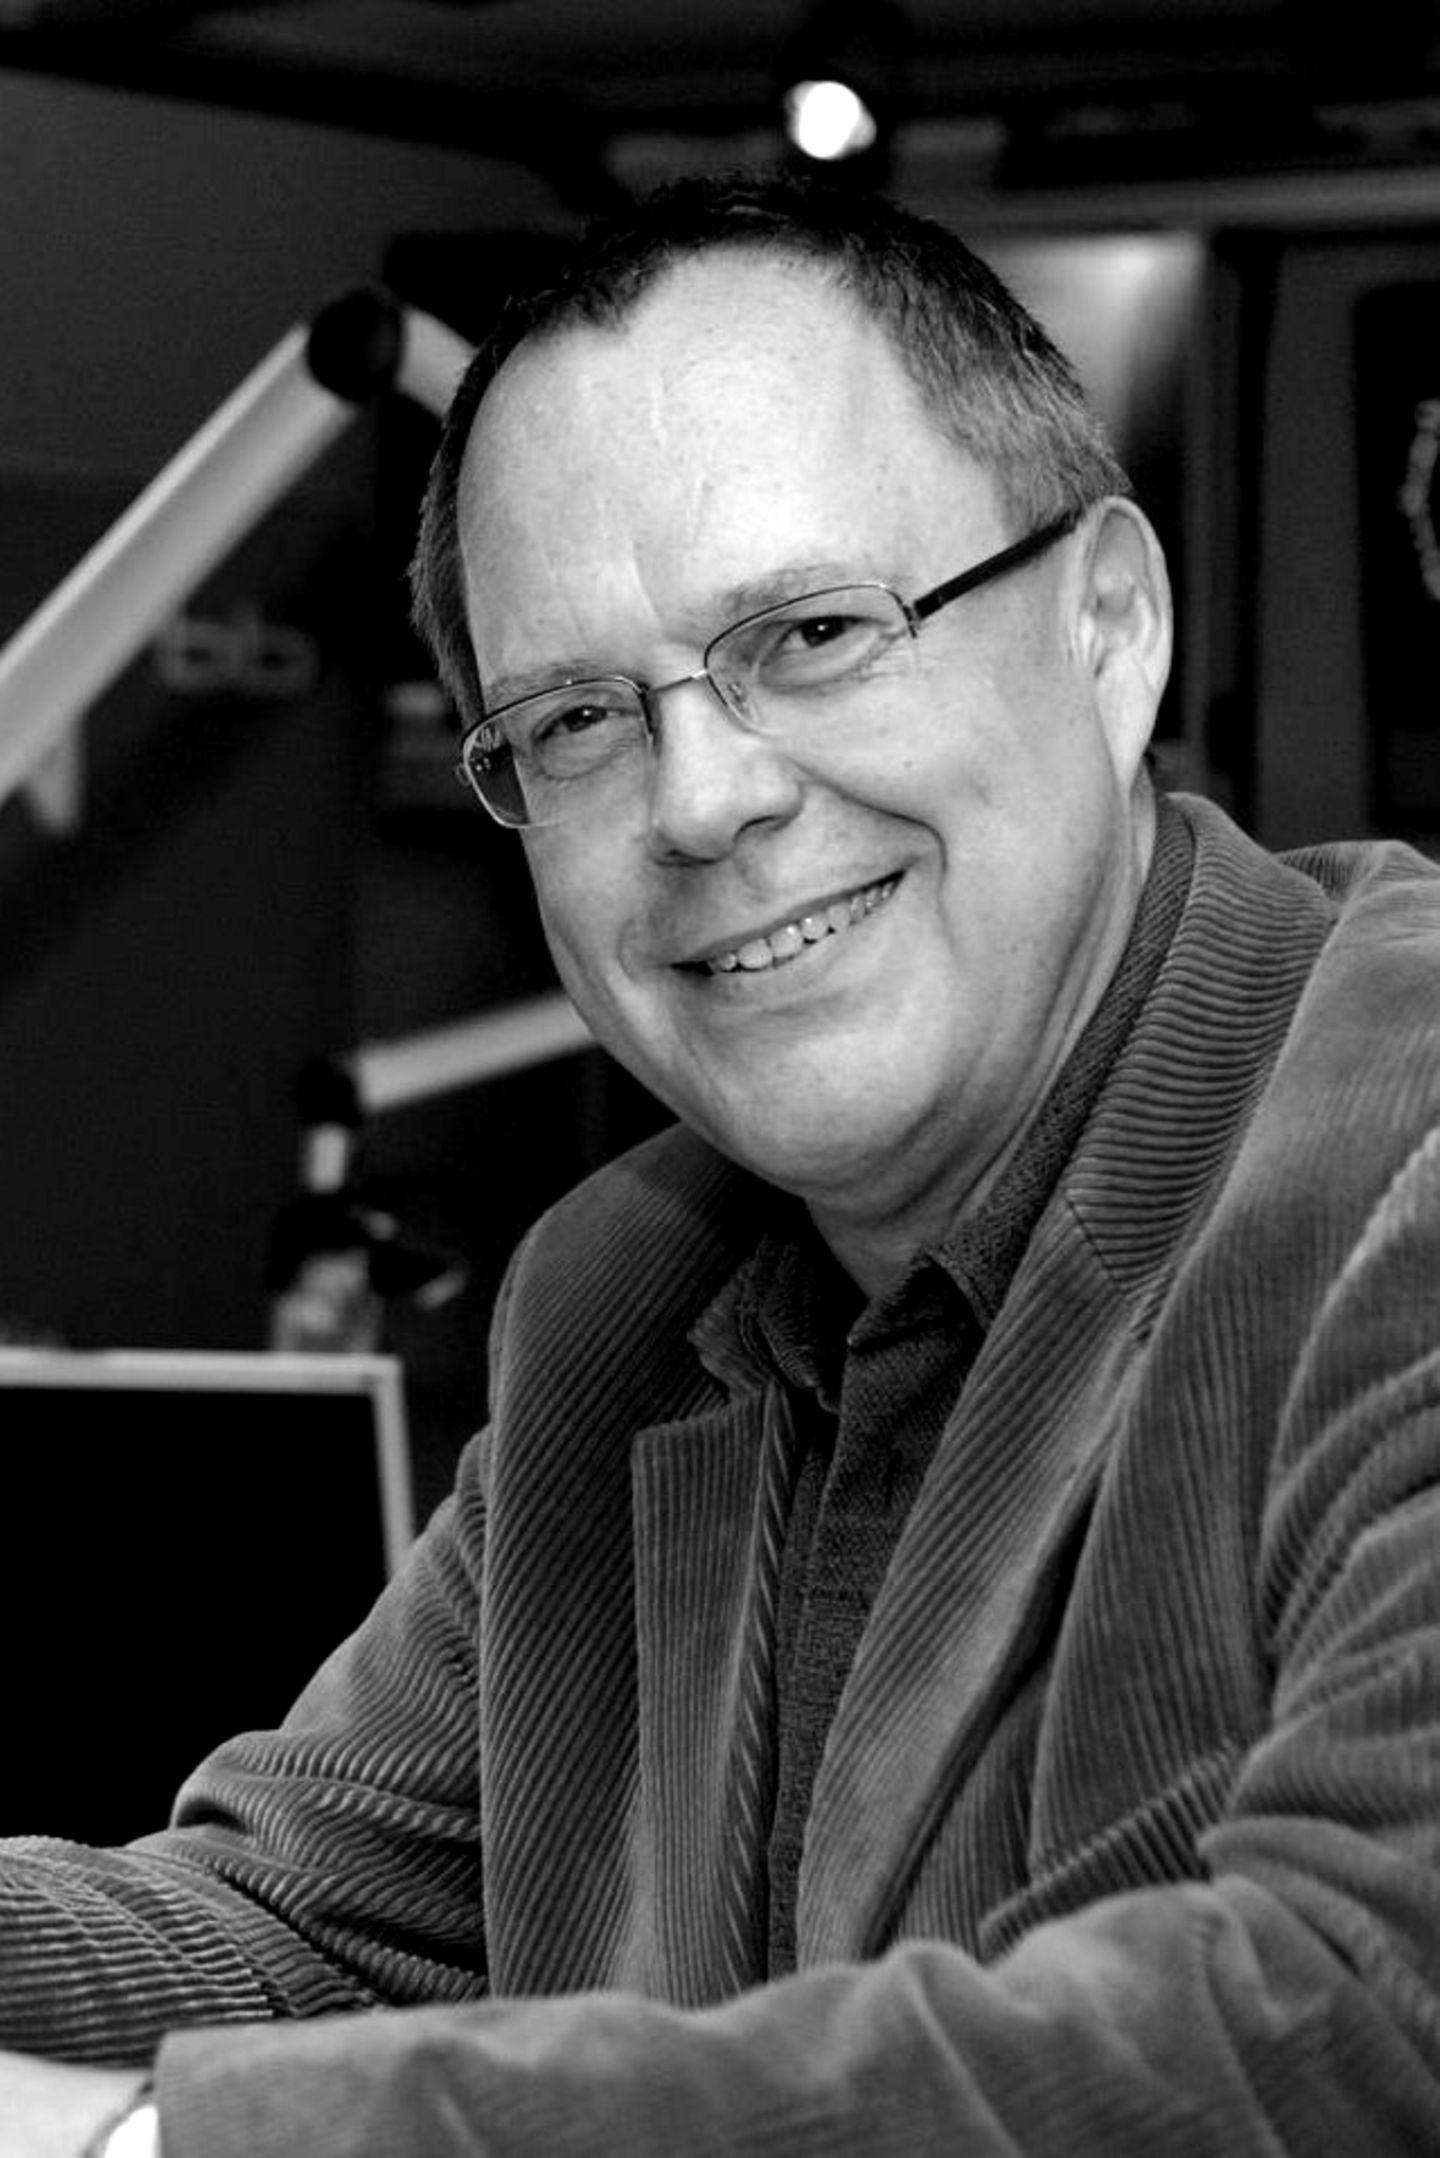 Radiomoderator Und Musikfreund Jurgen Jurgens 65 Ist Gestorben Gala De